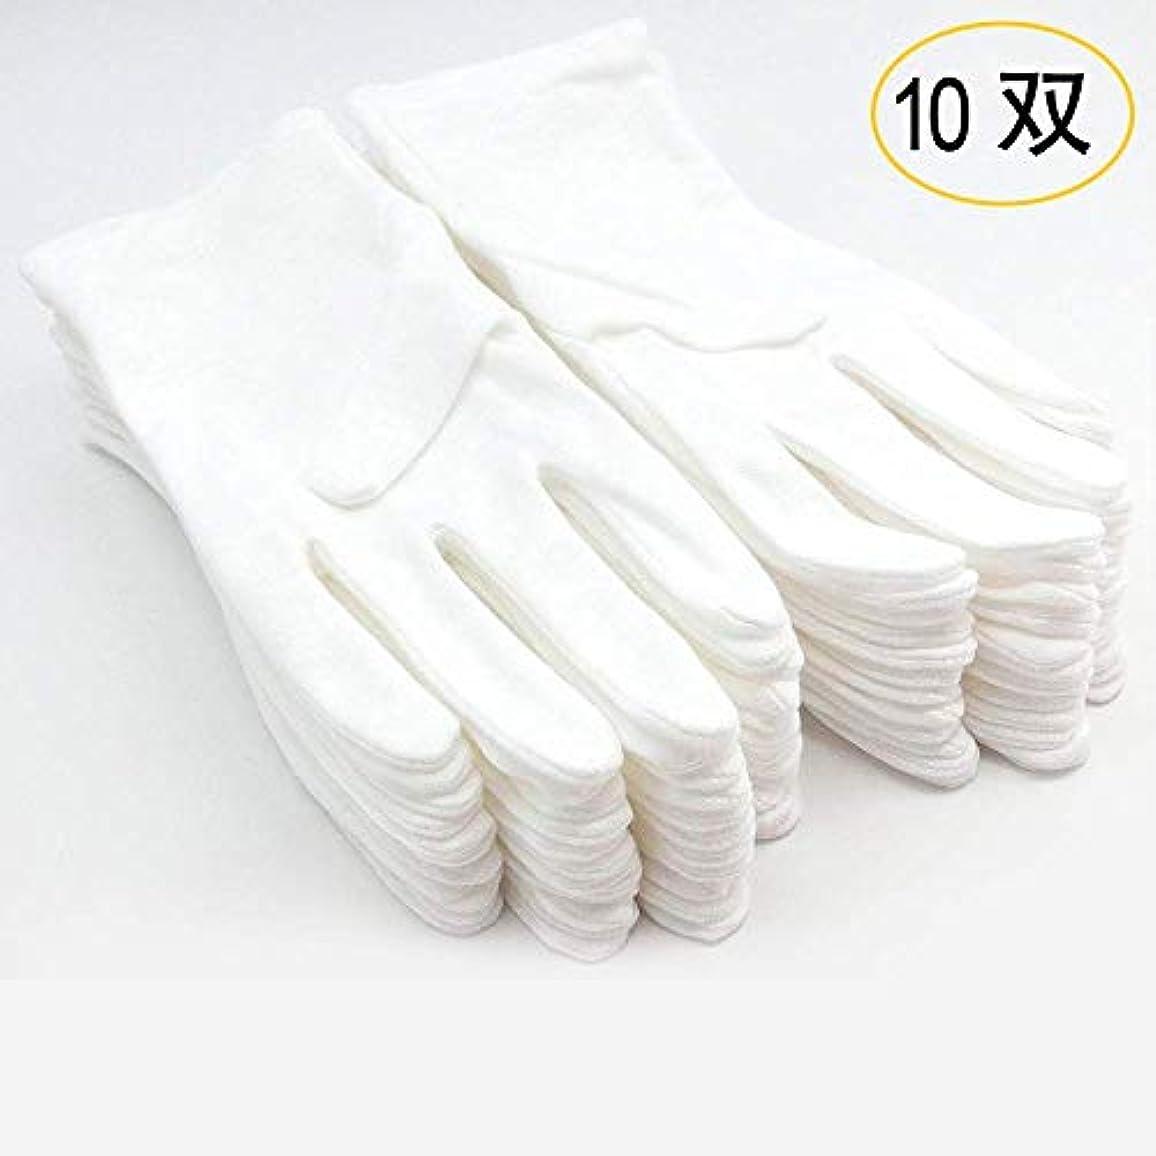 故国のパラシュート綿手袋 純綿100% 通気性 コットン手袋 10双組